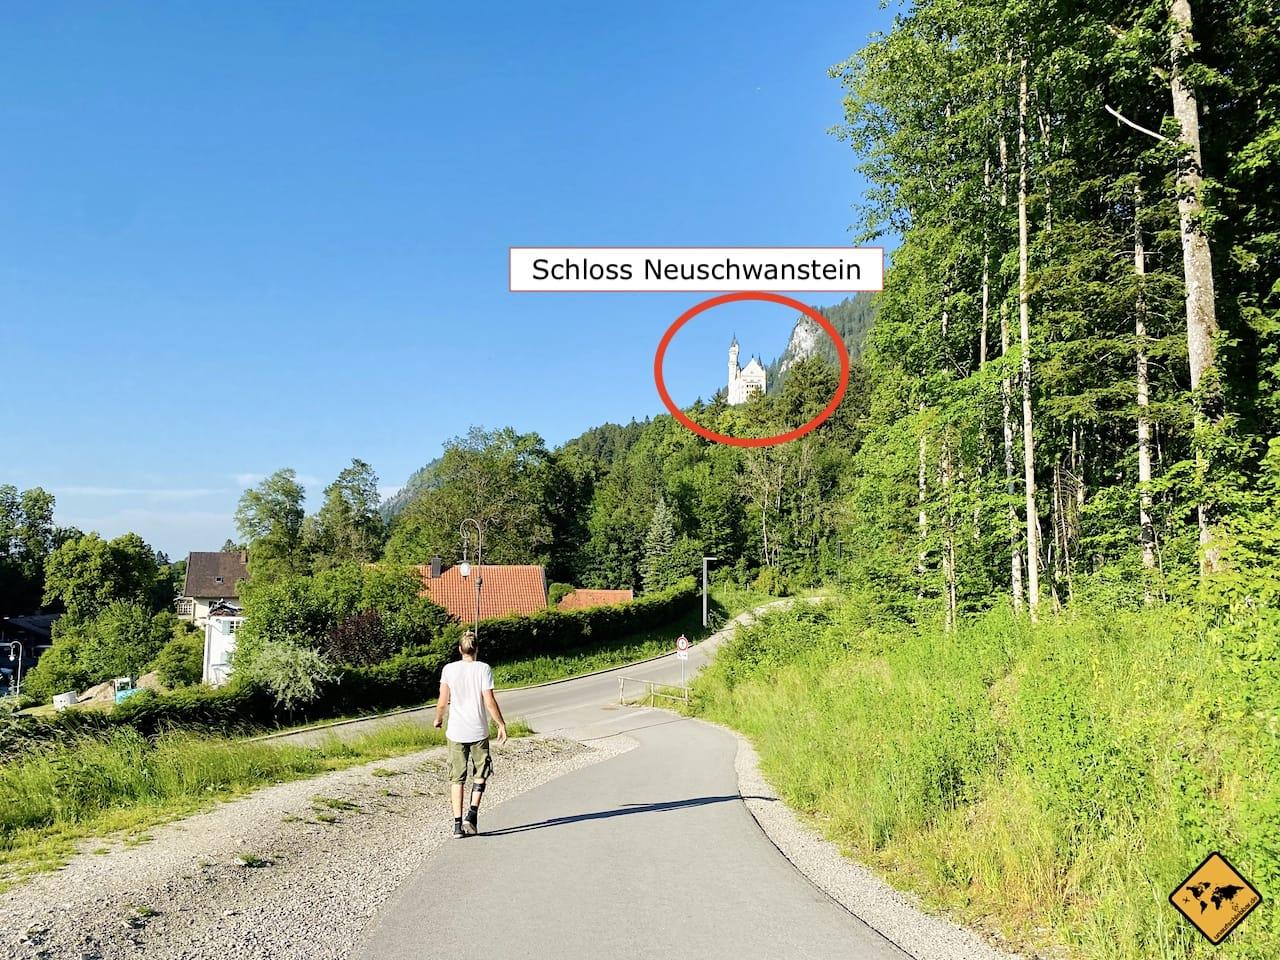 Barrierefreier Weg zu Schloss Neuschwanstein